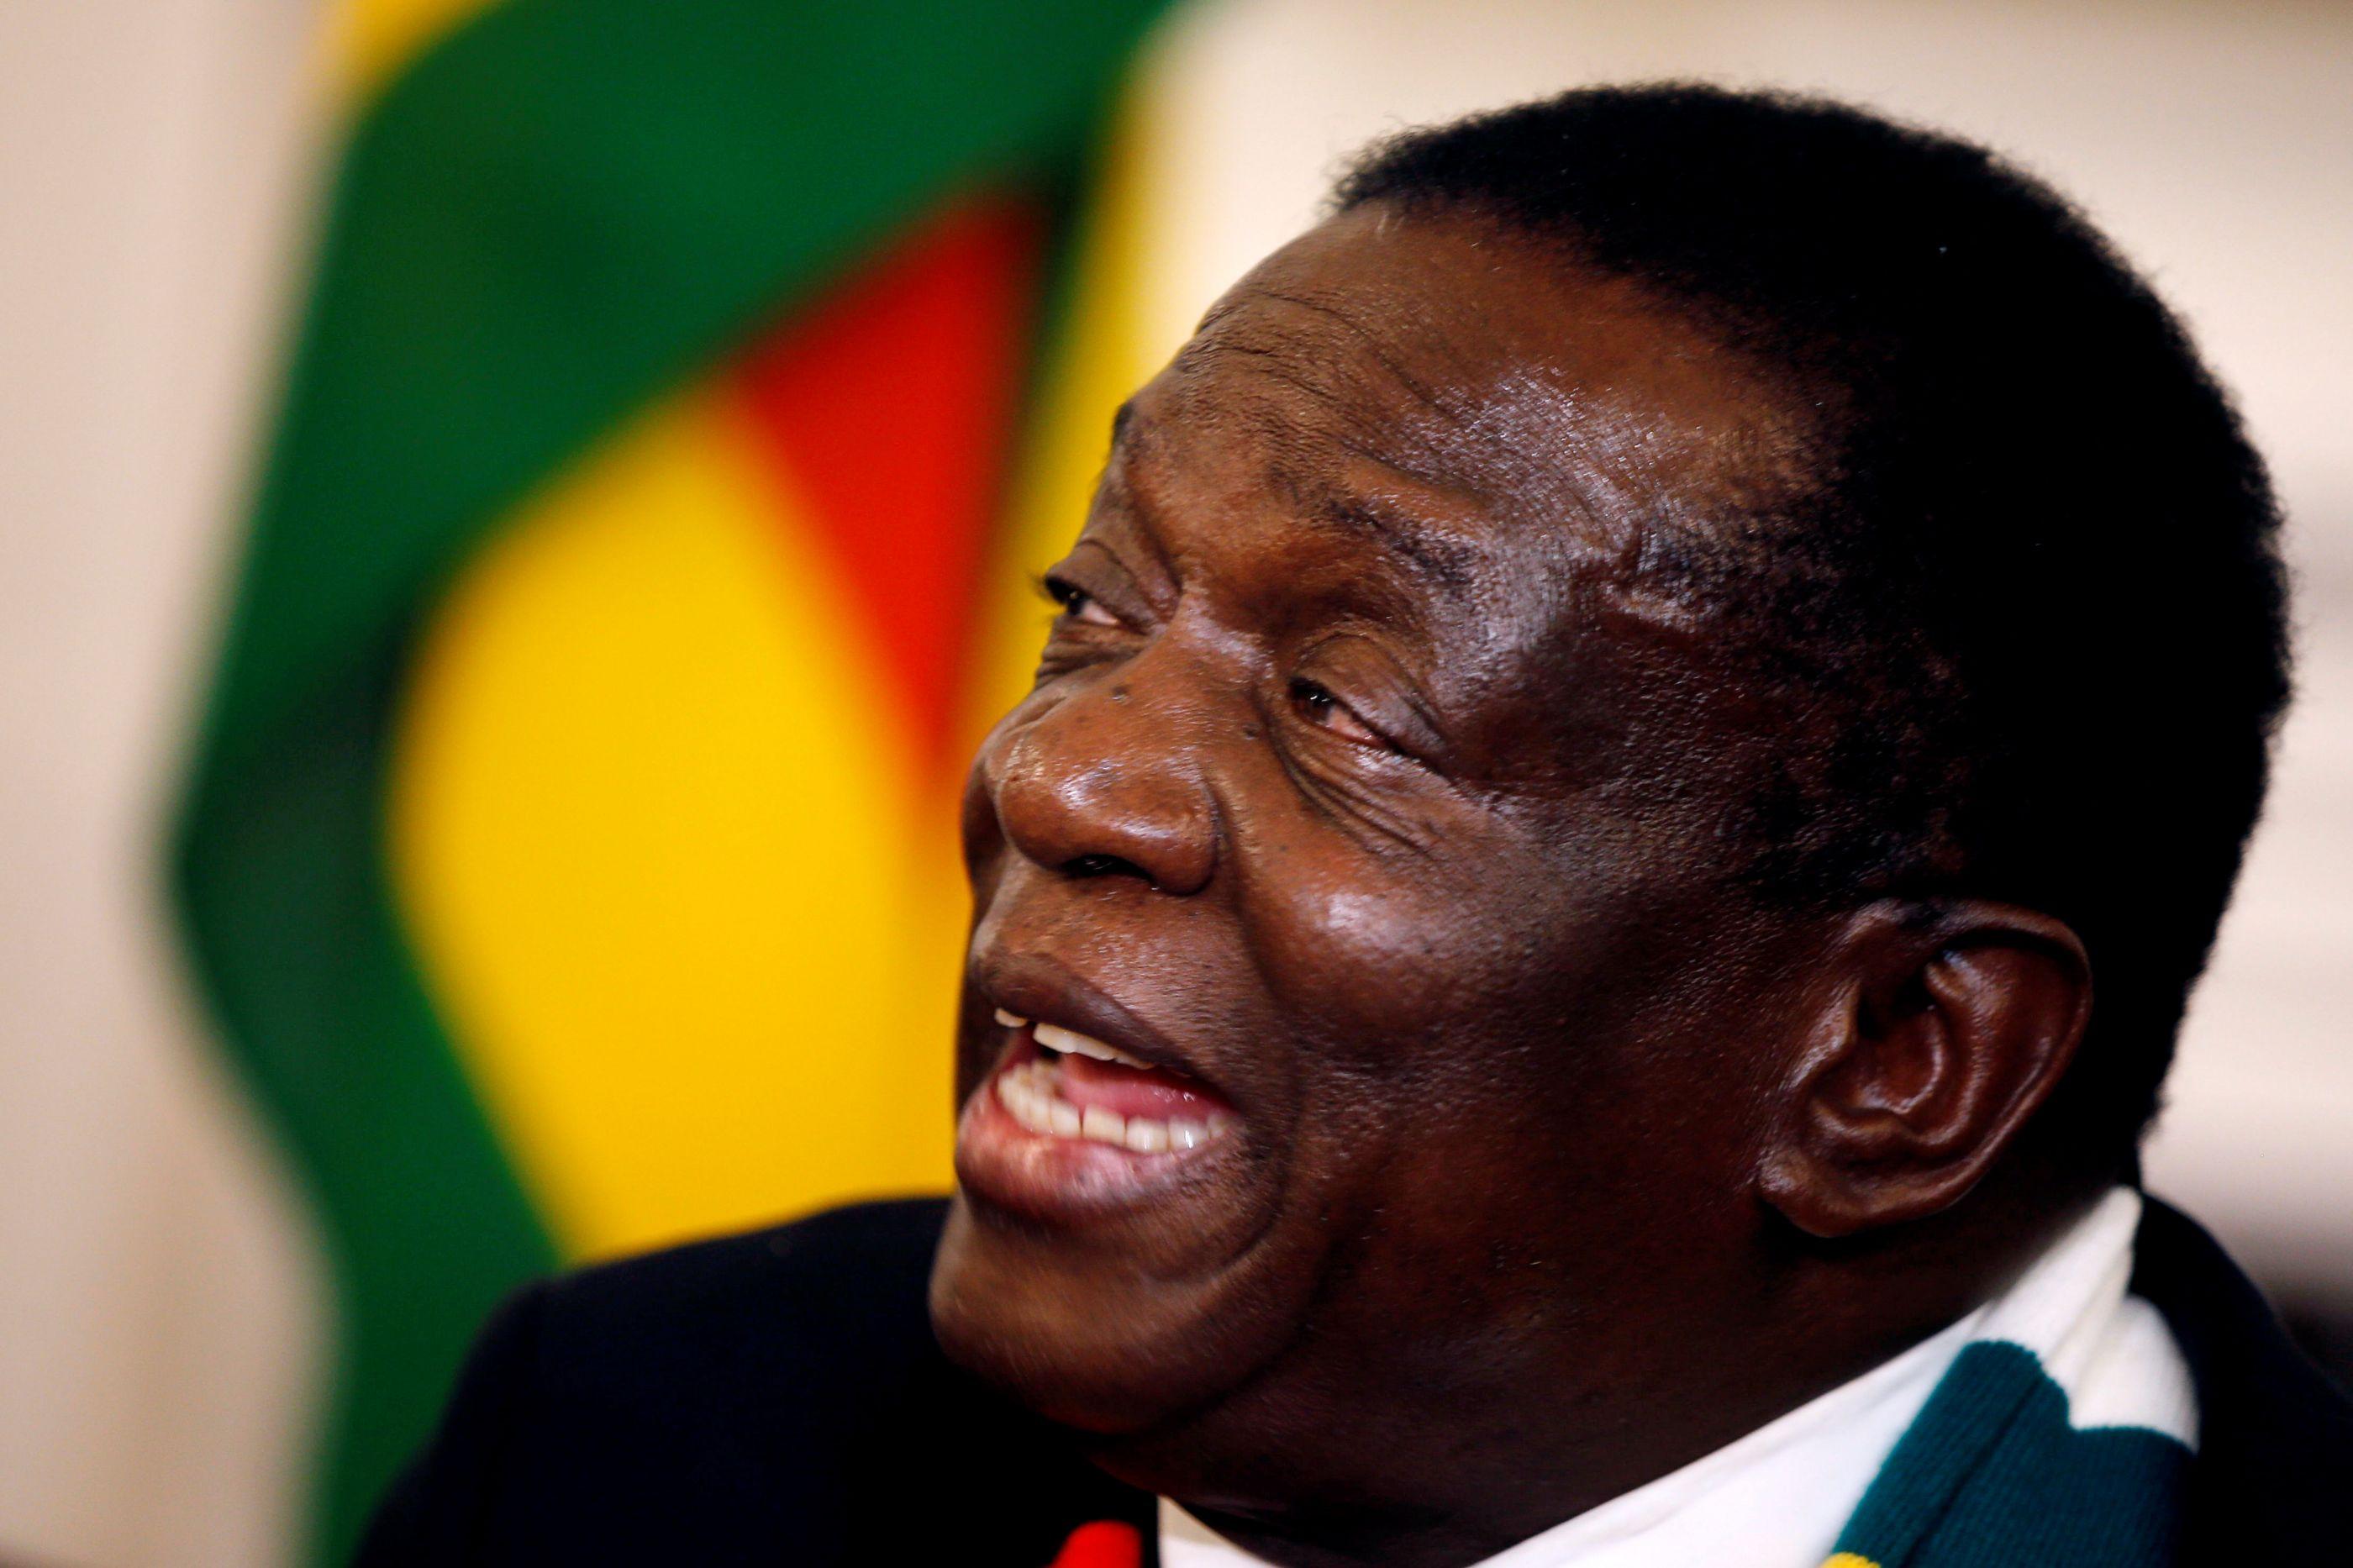 """Vídeo de abusos da polícia deixa presidente do Zimbabué """"estupefacto"""""""